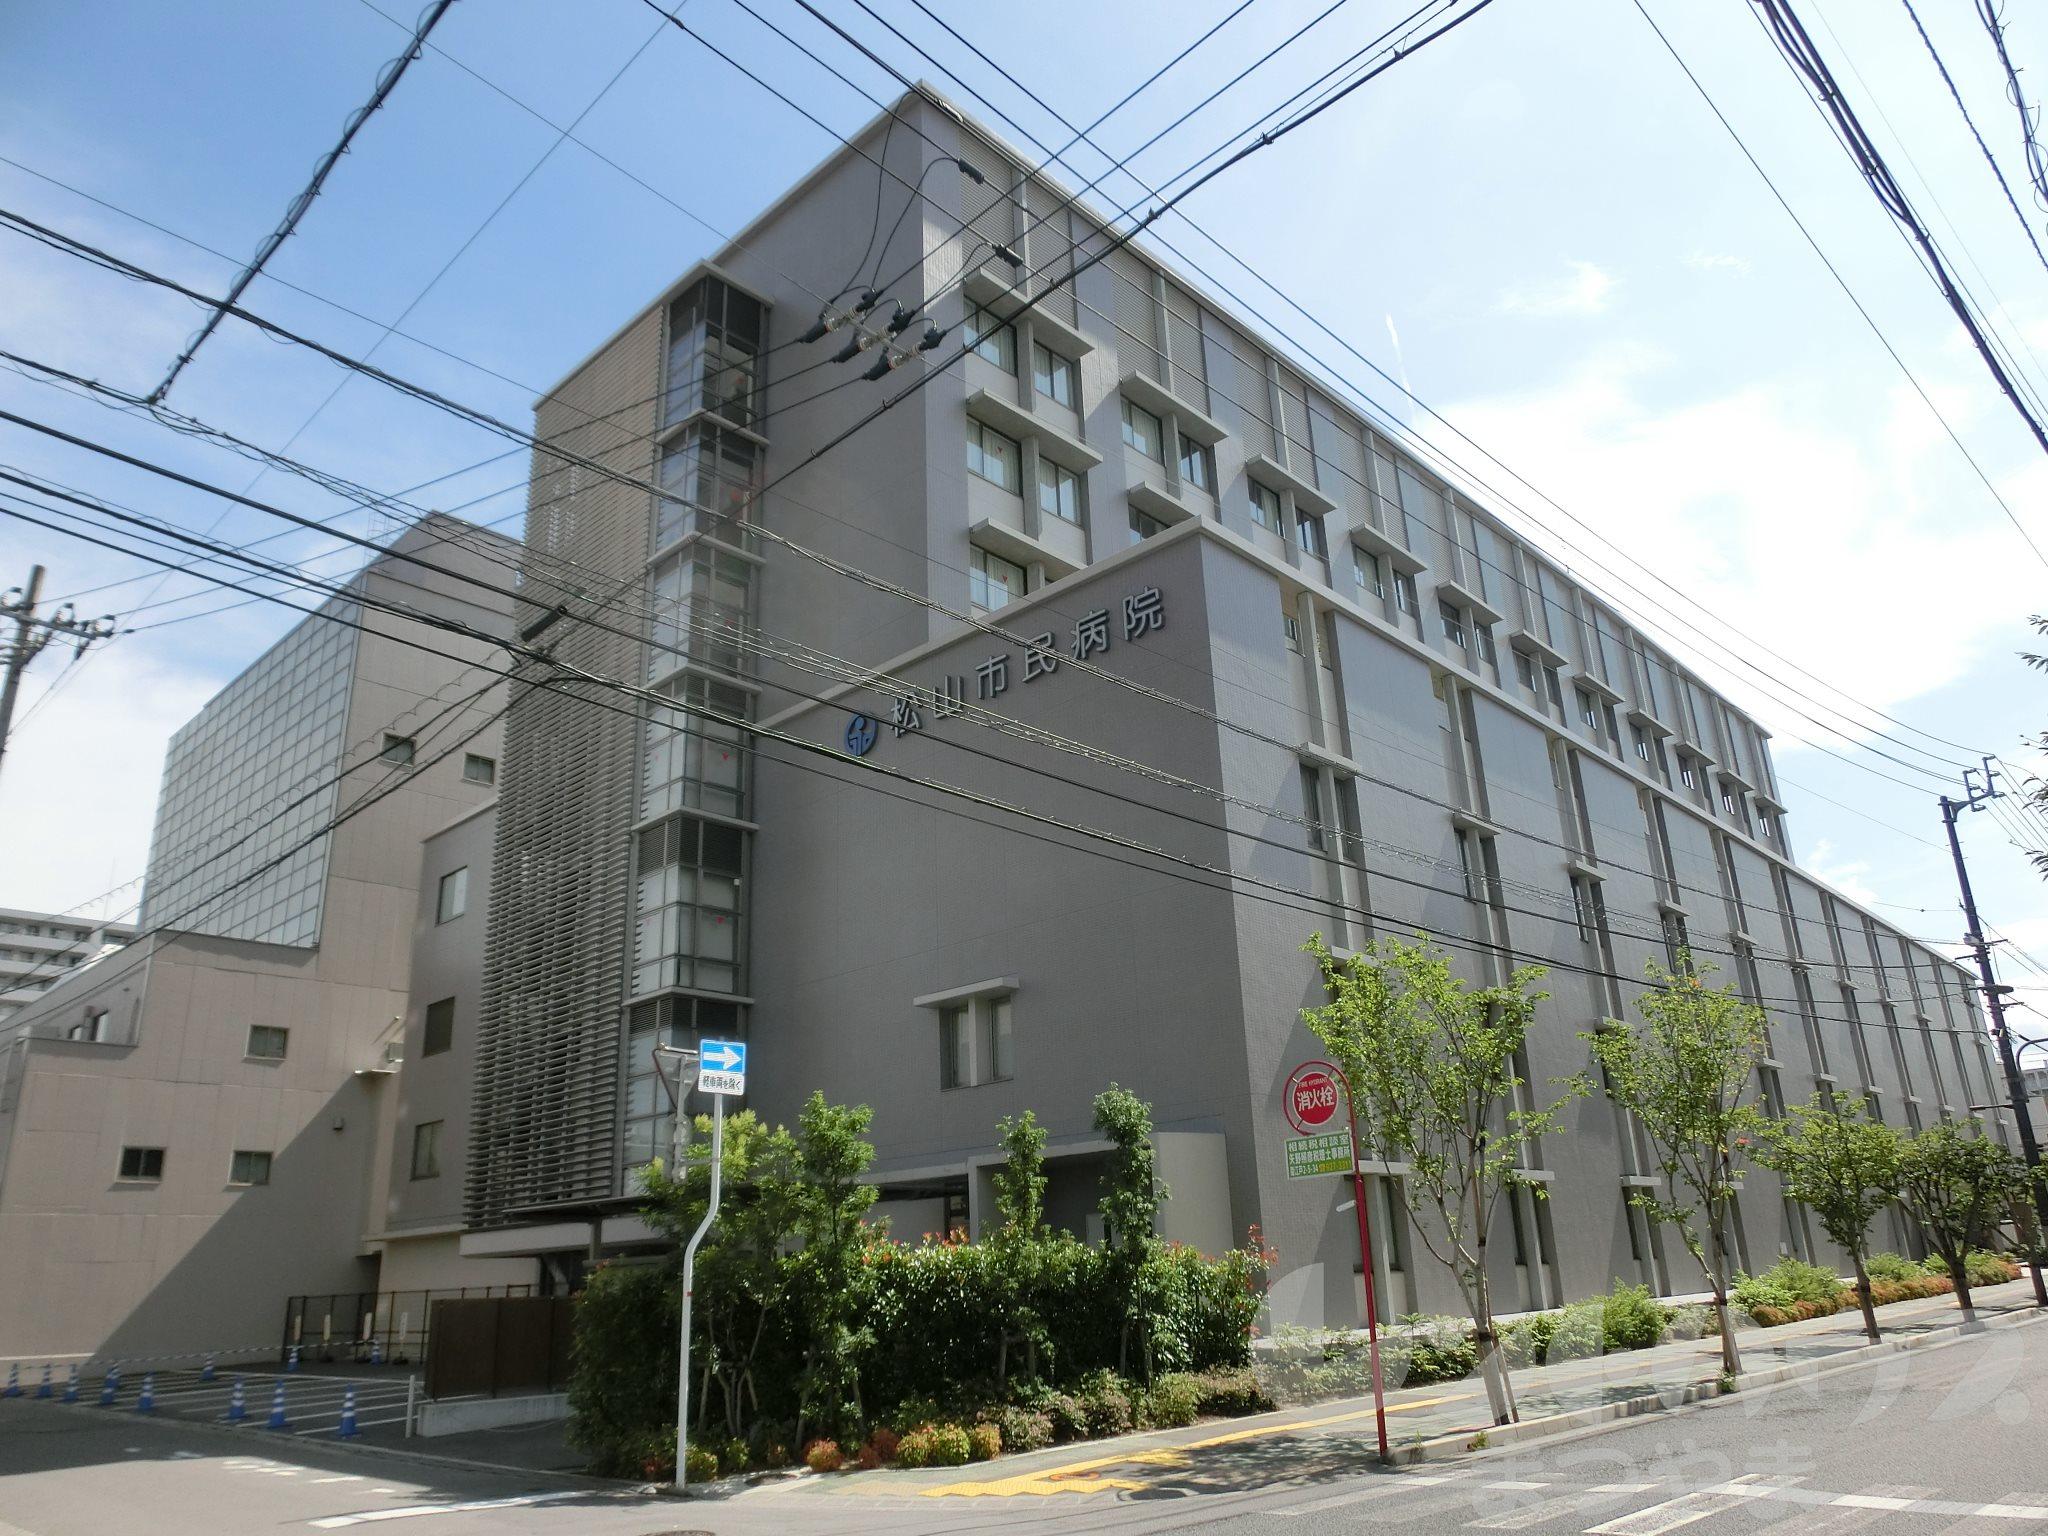 総合病院:松山市民病院 1168m